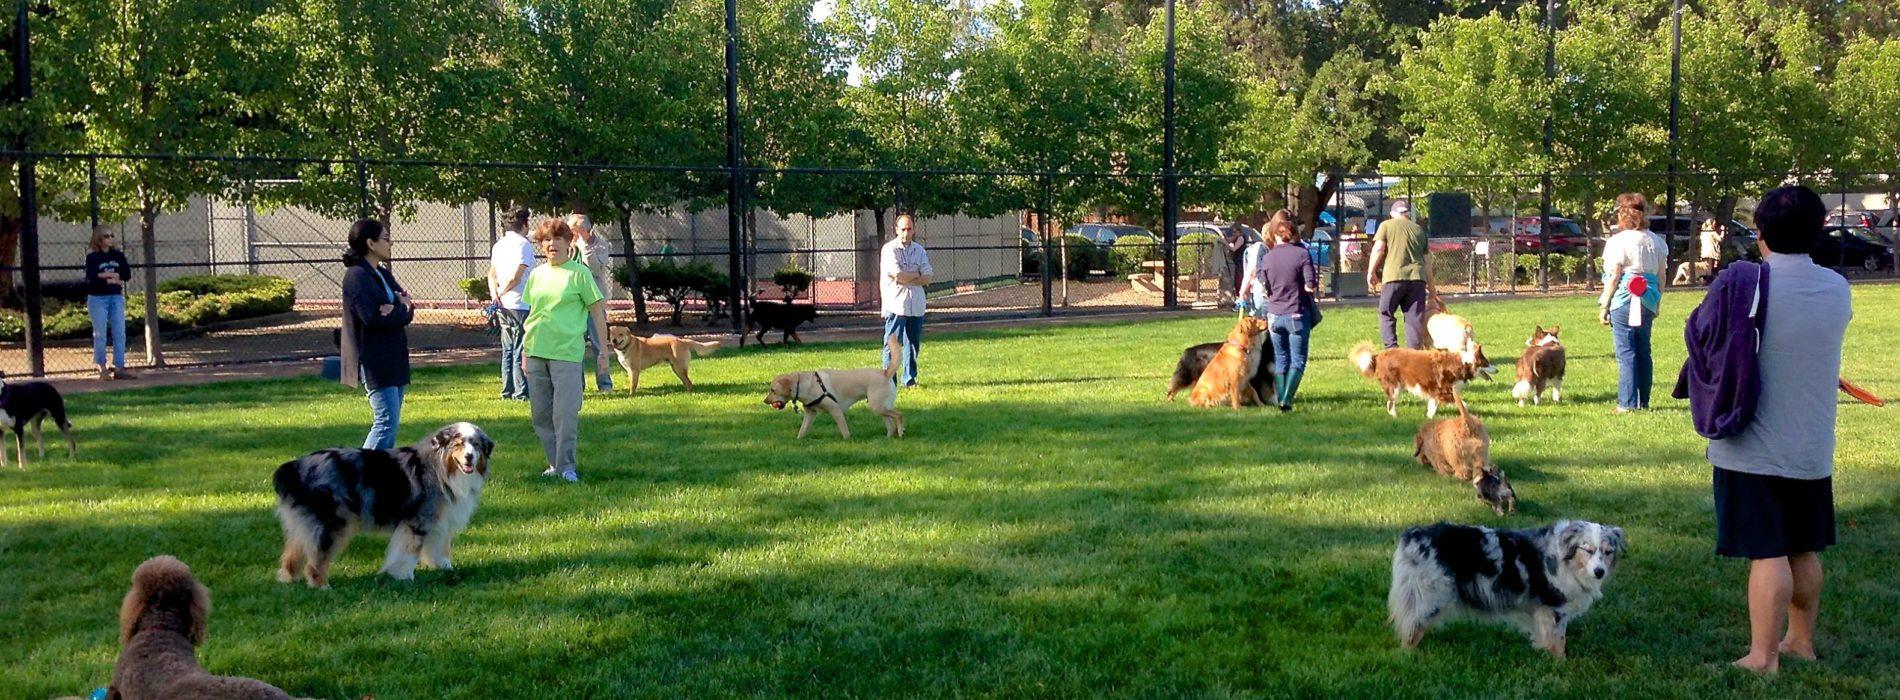 Dogs Park di Pianura: un'area interamente dedicata ai cani